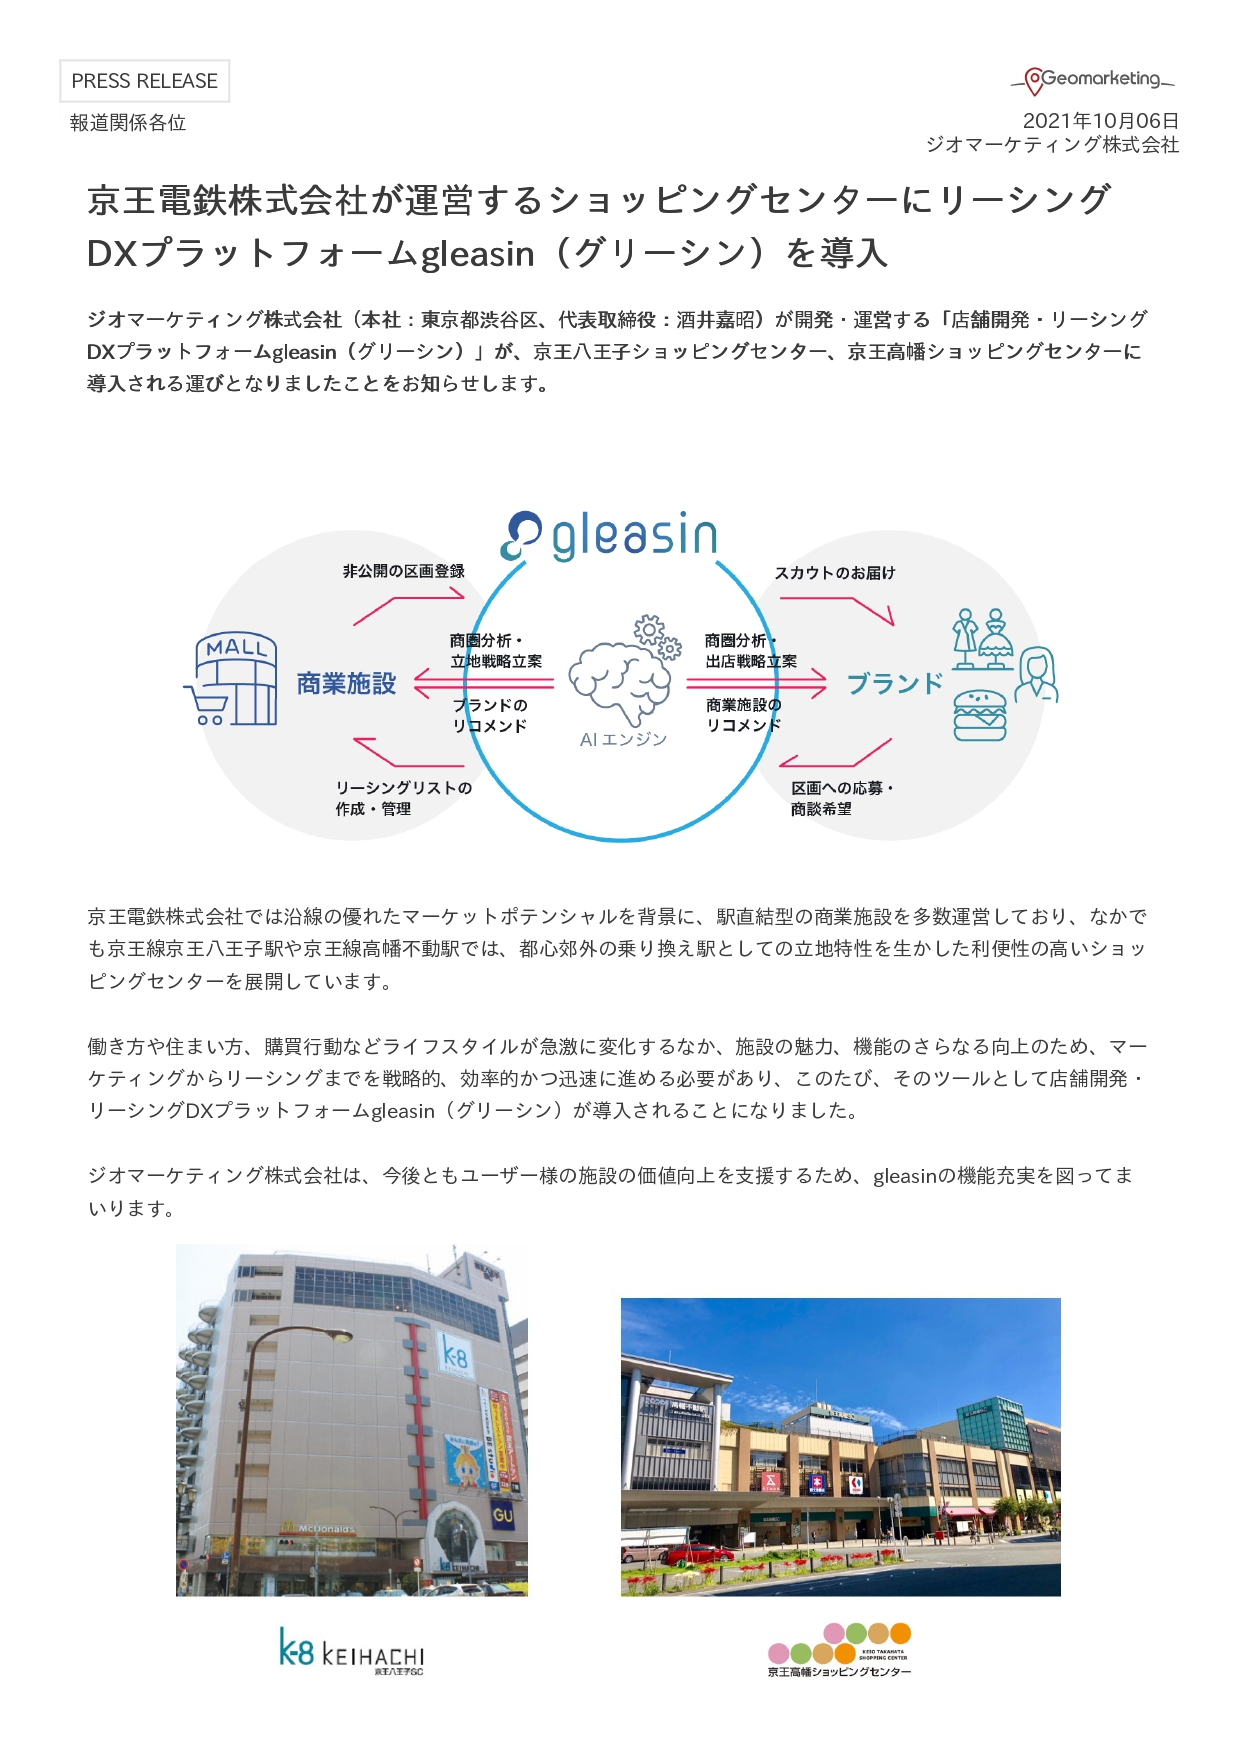 PRTimes_プレスリリース_京王電鉄